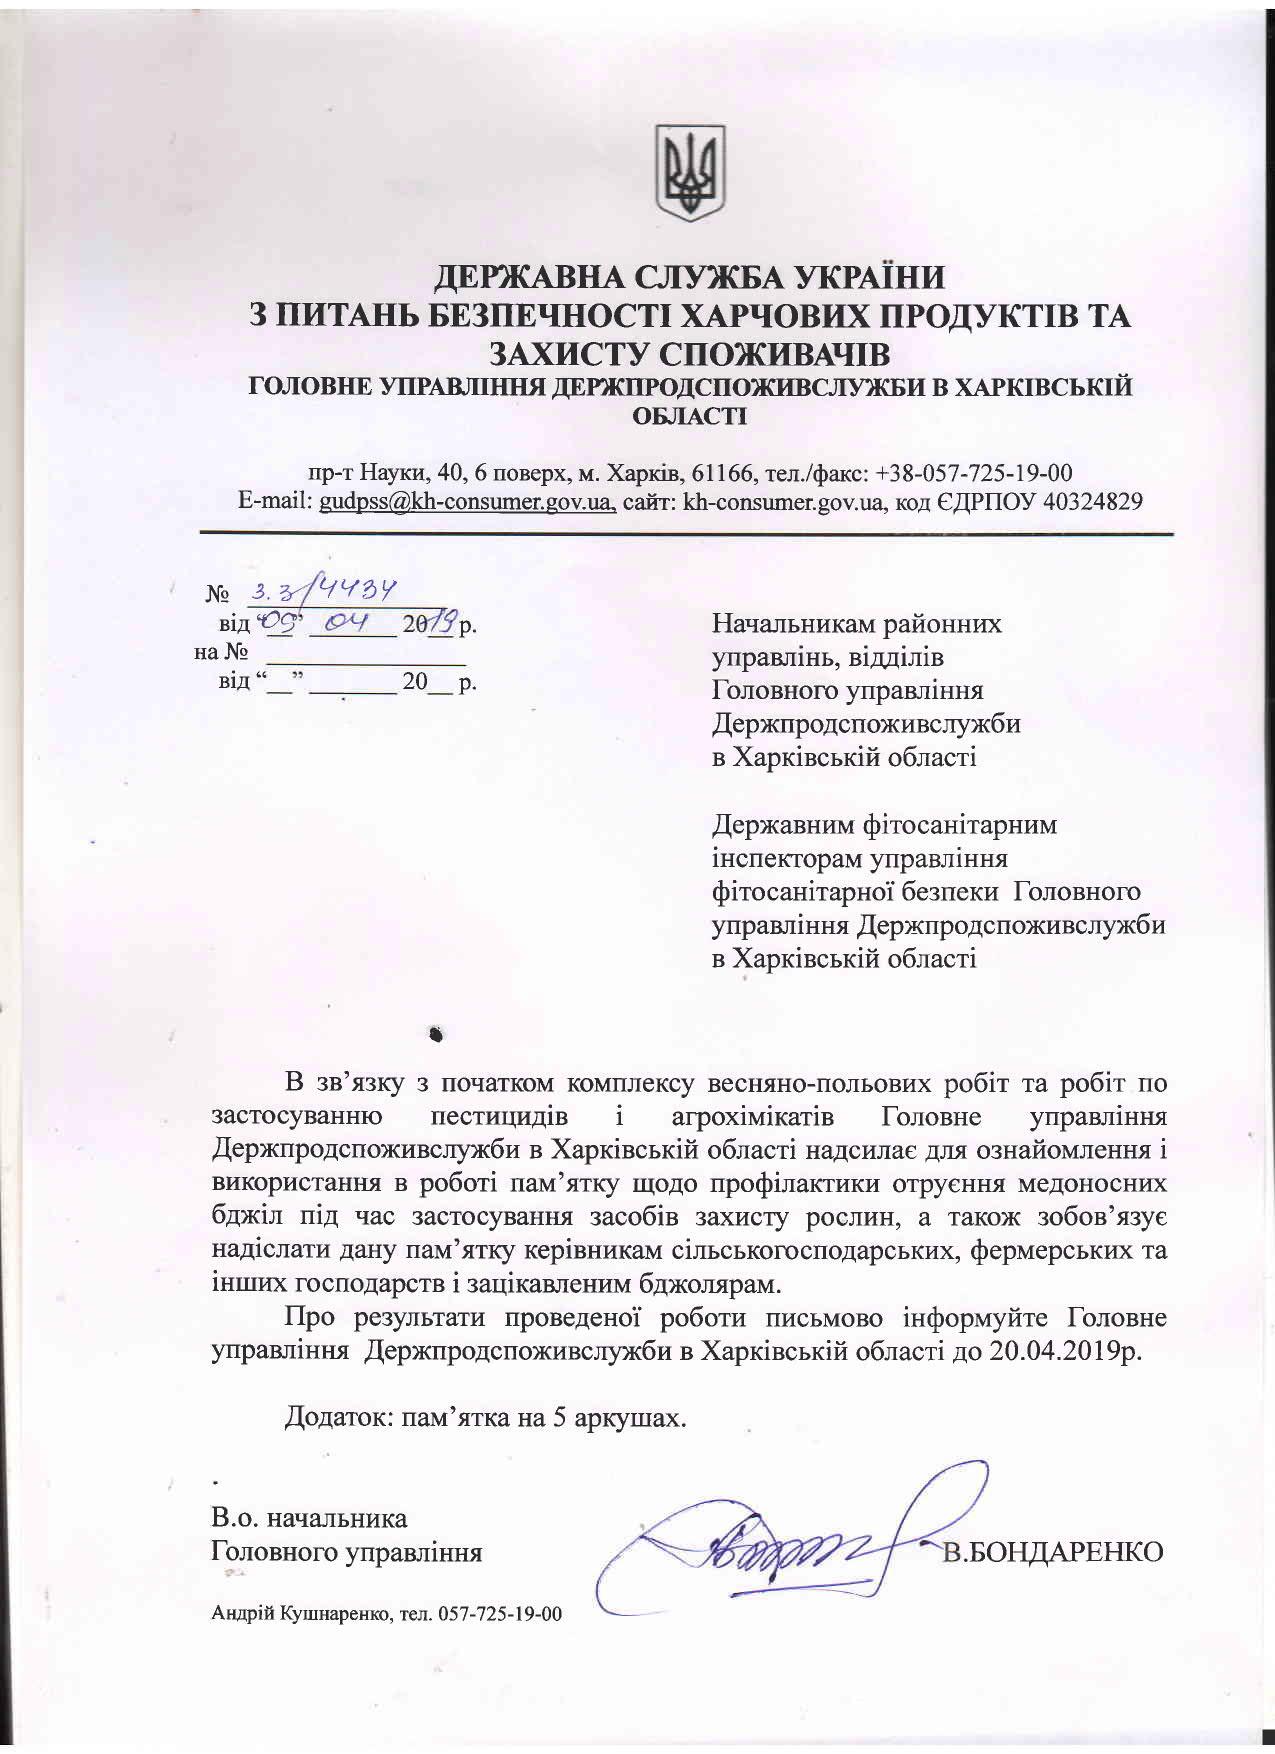 ПАМЯТКА-1_1